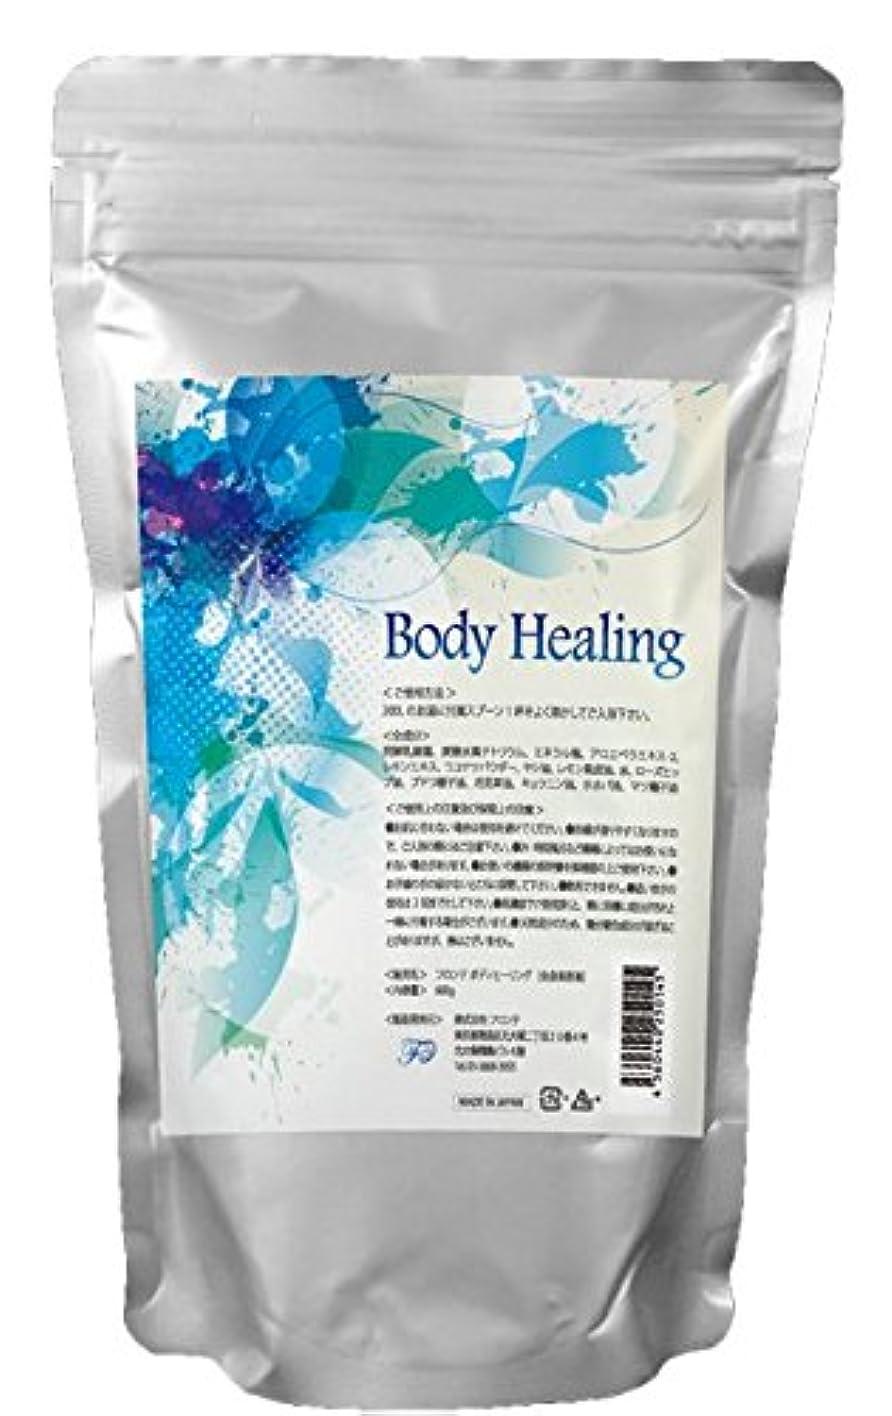 フリース信者避難するBody Healing 1000g (ボディーヒーリング)